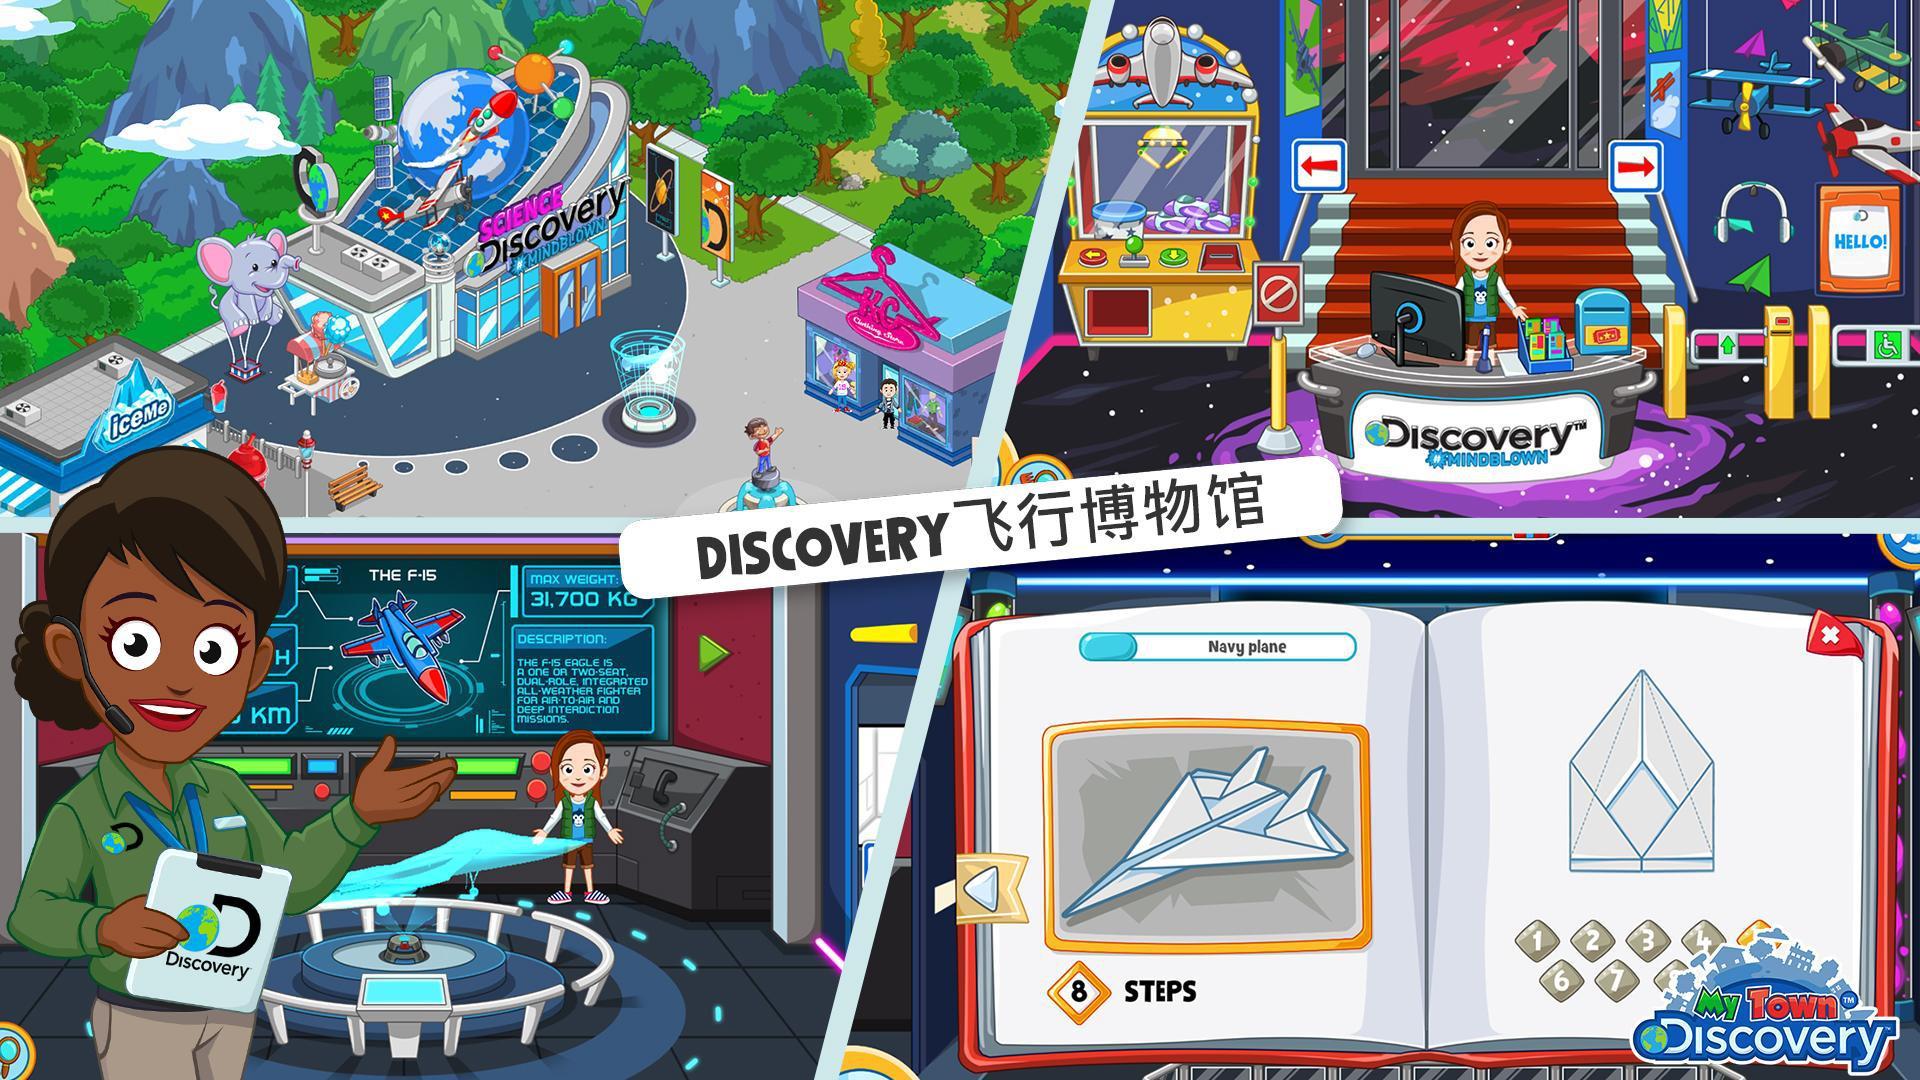 我的小镇:探索 游戏截图3